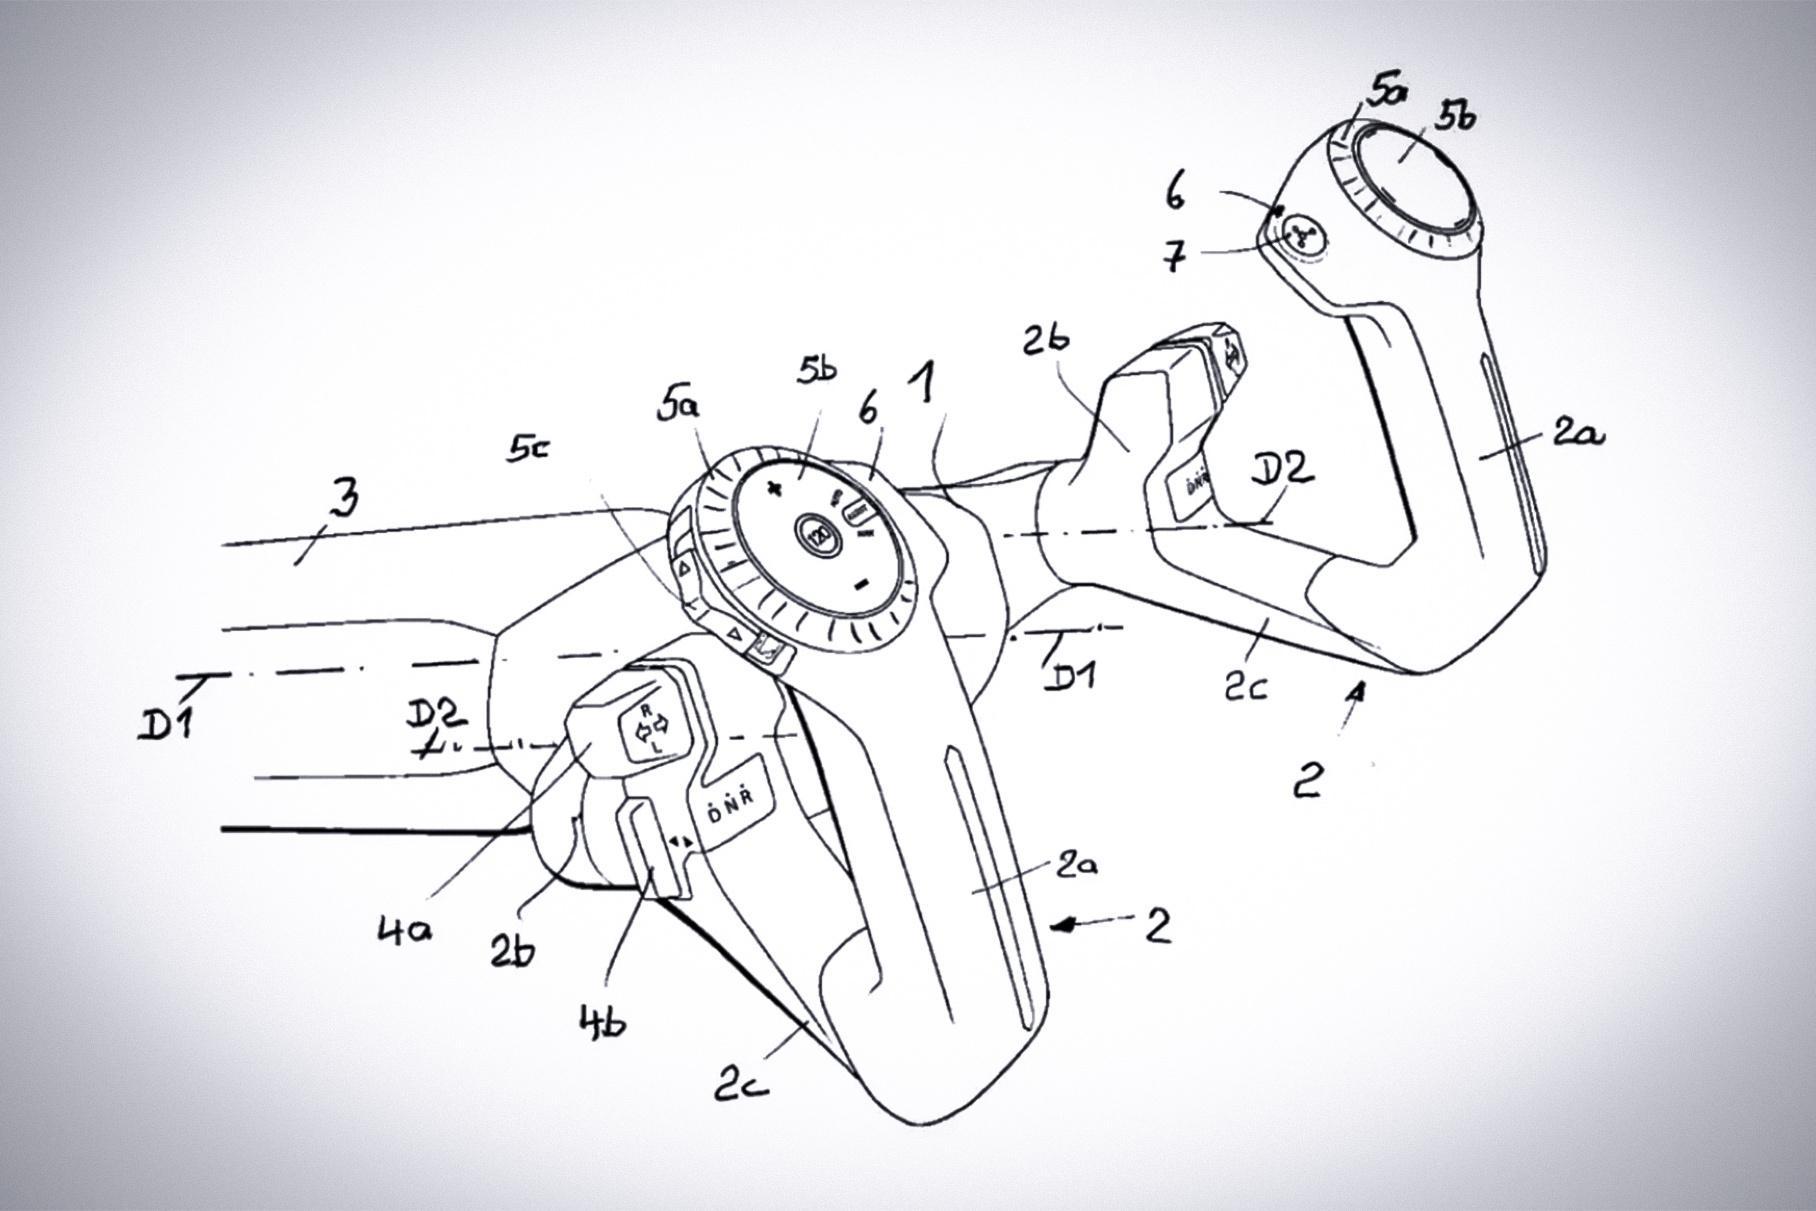 В немецком патентном ведомстве обнаружились изображения новой разработки «БМВ» – рулевого контроллера. Из документов следует, что такой руль достанется, в том числе, автономным моделям бренда.